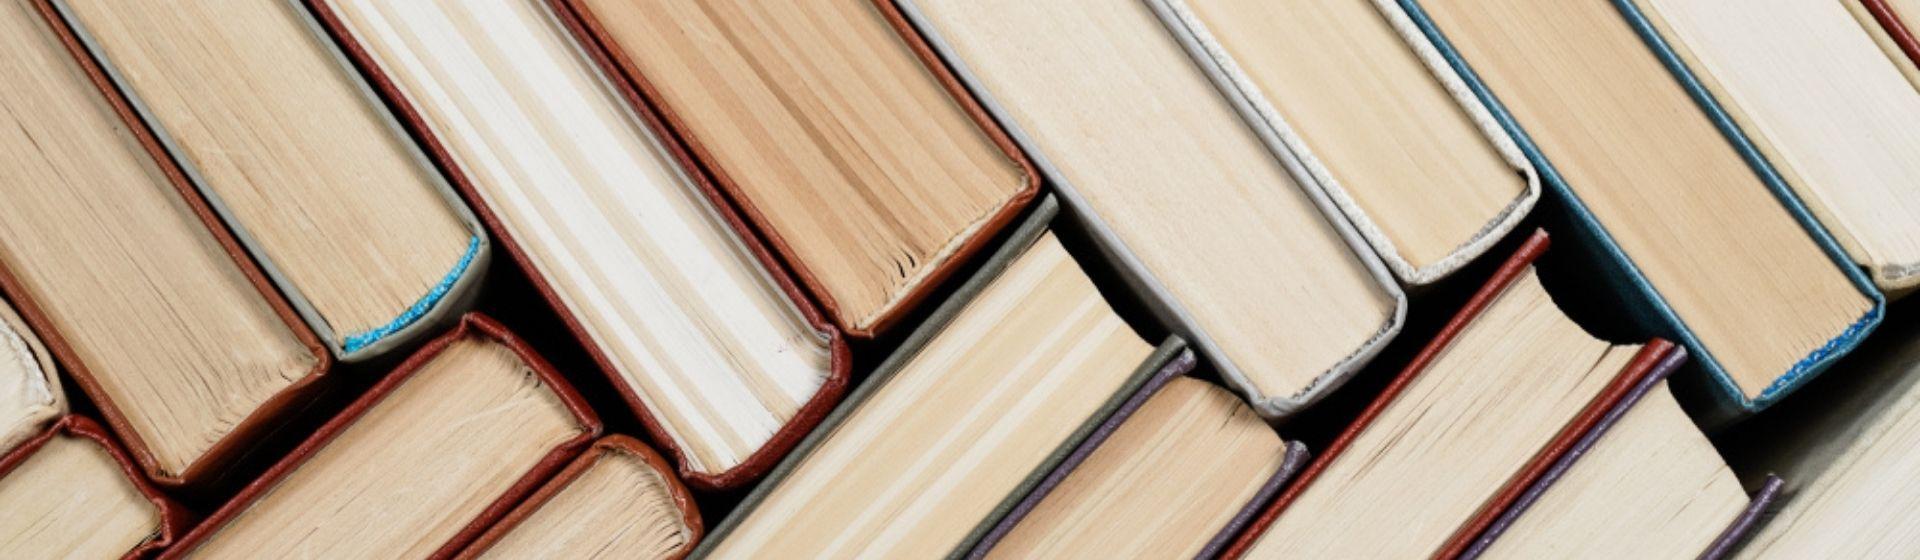 Maiores lançamentos de livros 2020